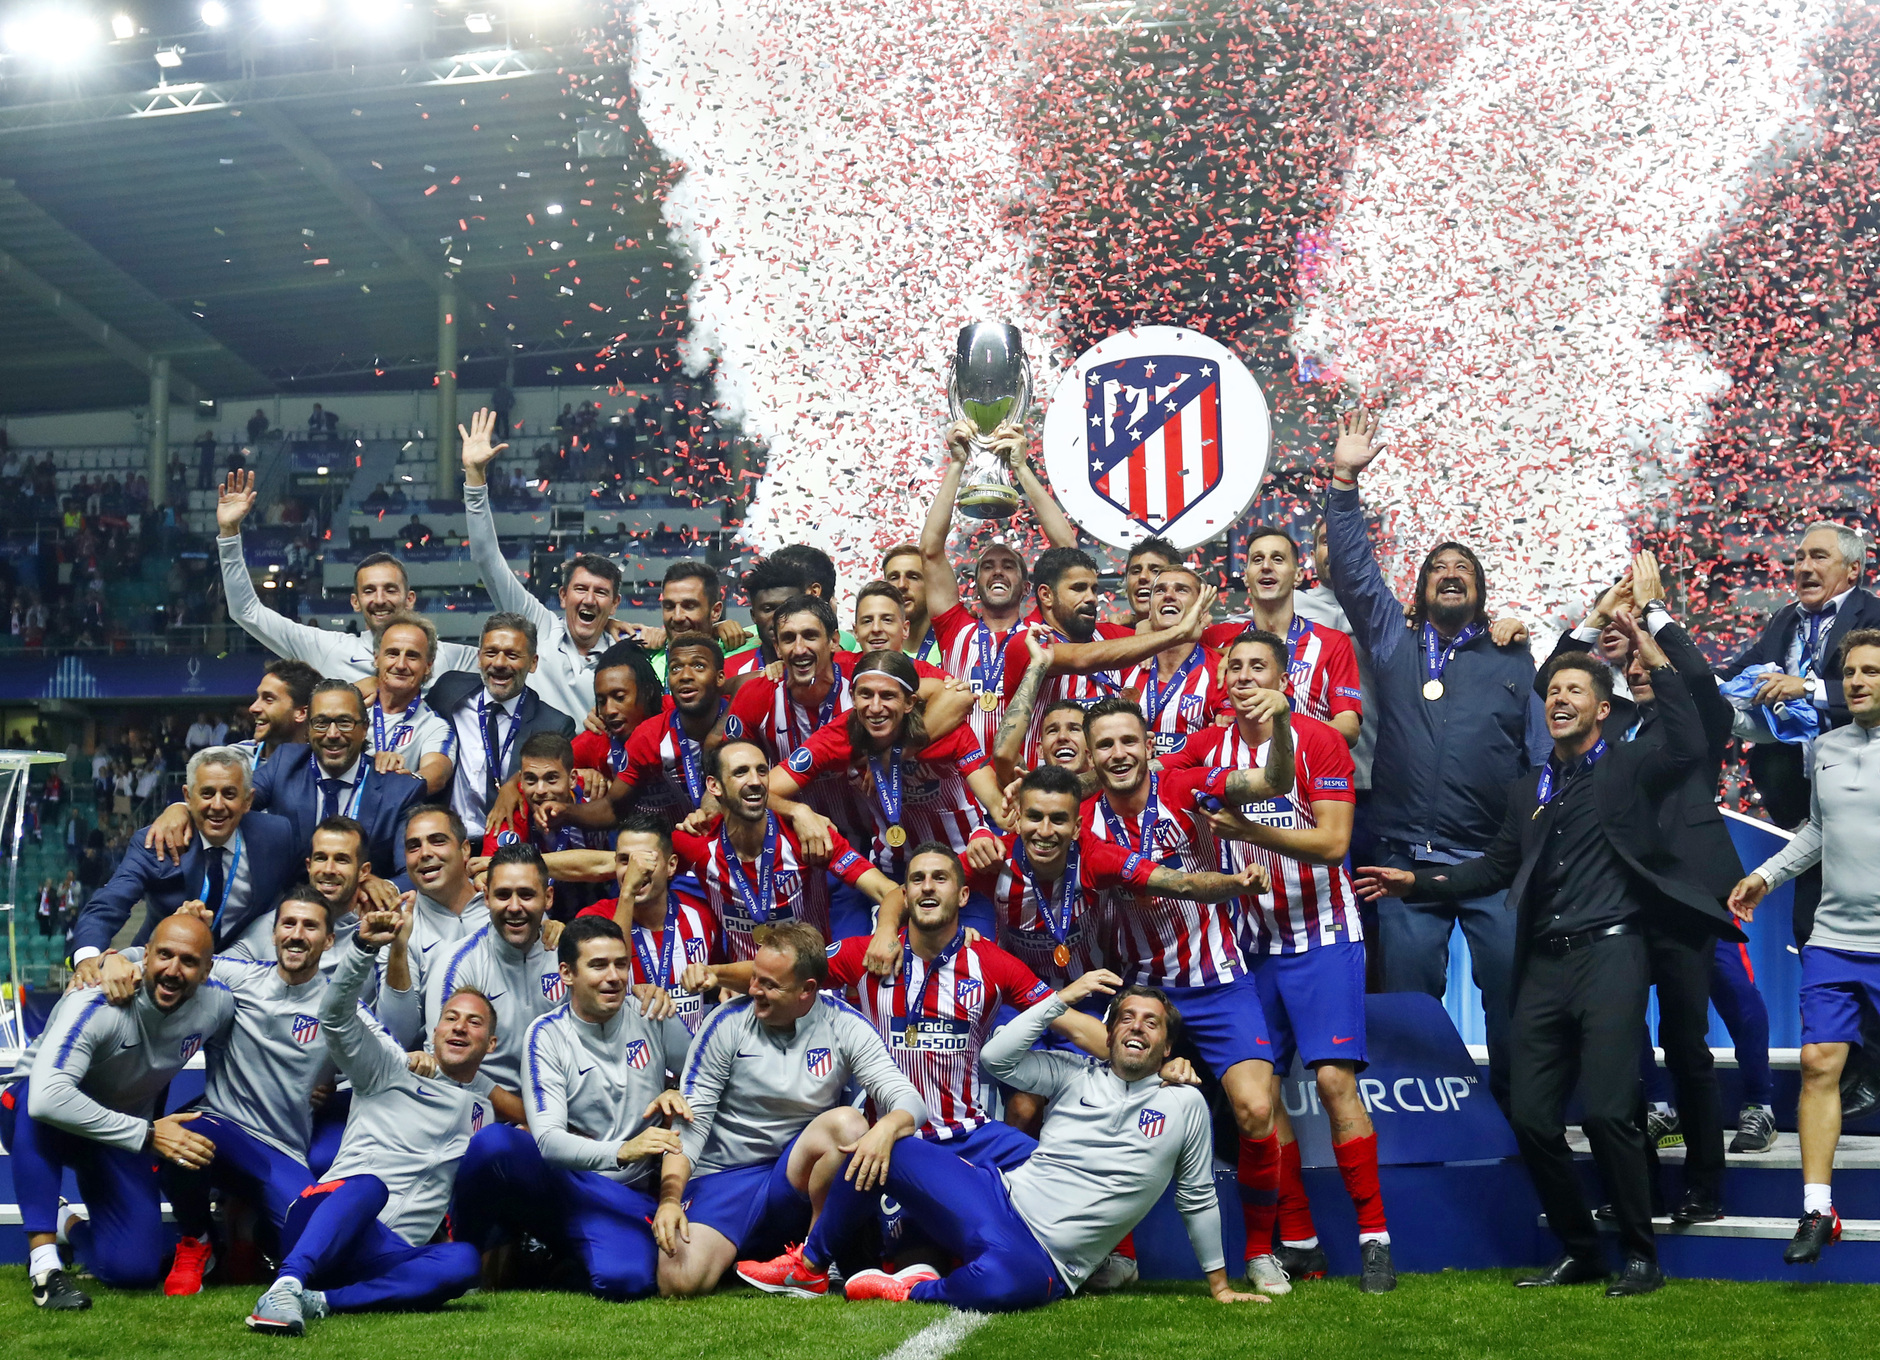 El Atlético de Madrid celebrando la Supercopa de Europa 2018. Fuente: Atlético de Madrid.